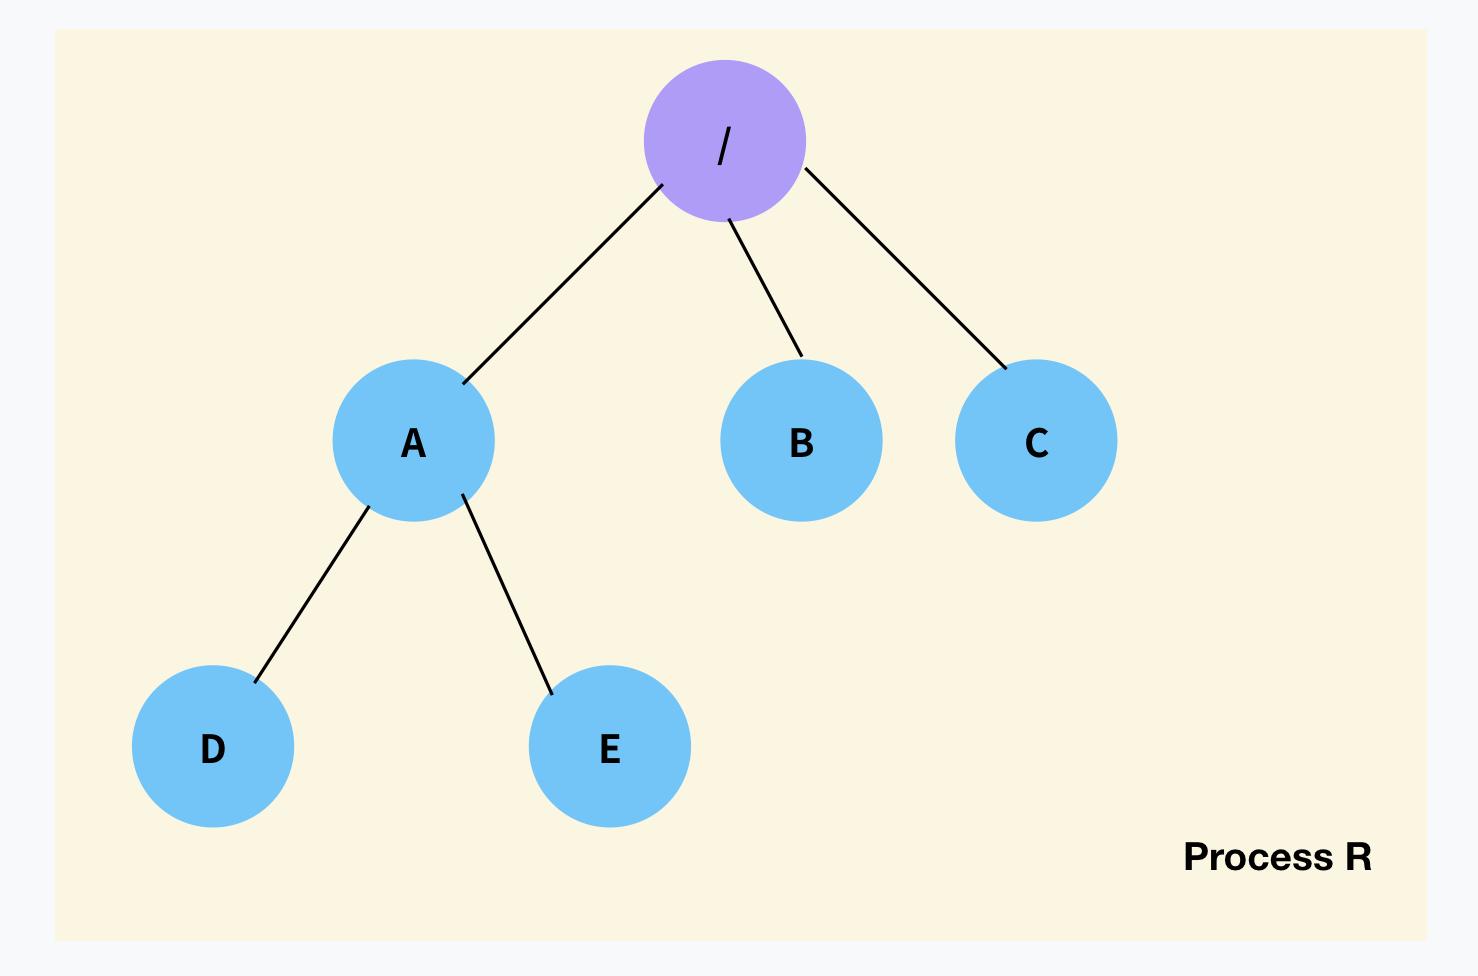 일반적인 프로세스 R: 루트를 기준으로 파일 시스템에 접근